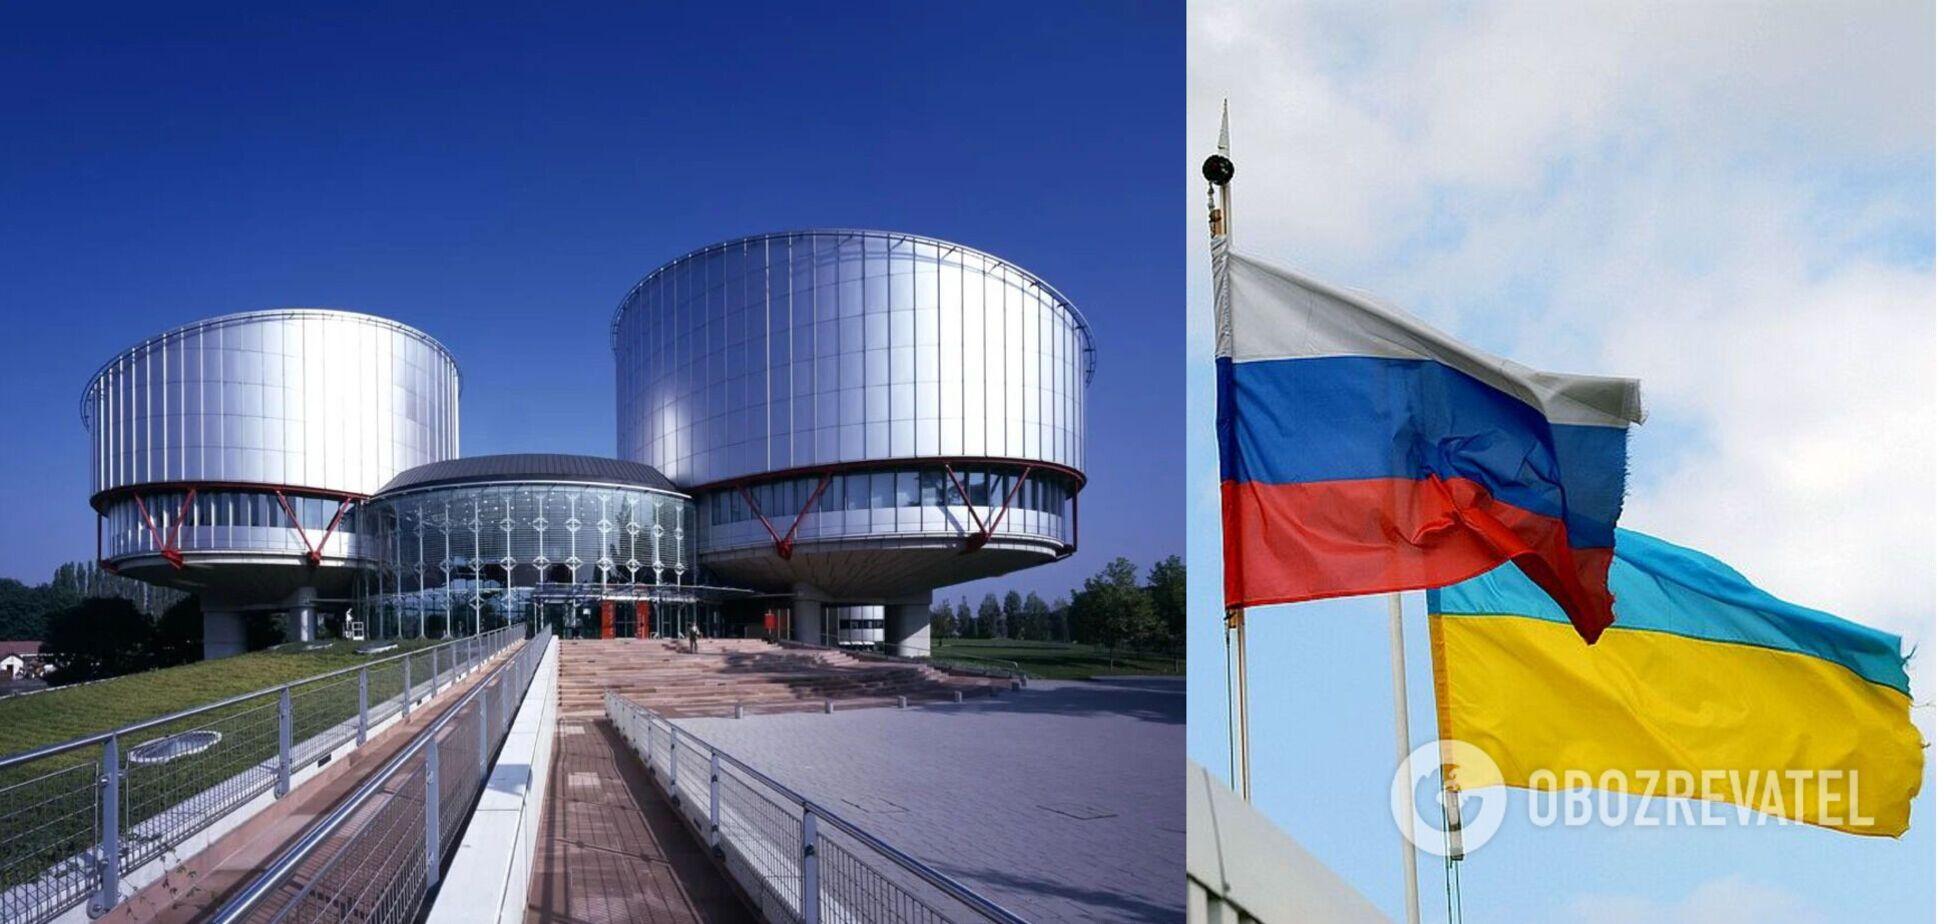 Россия подала жалобу в ЕСПЧ на Украину: в чем обвиняет и какая цель